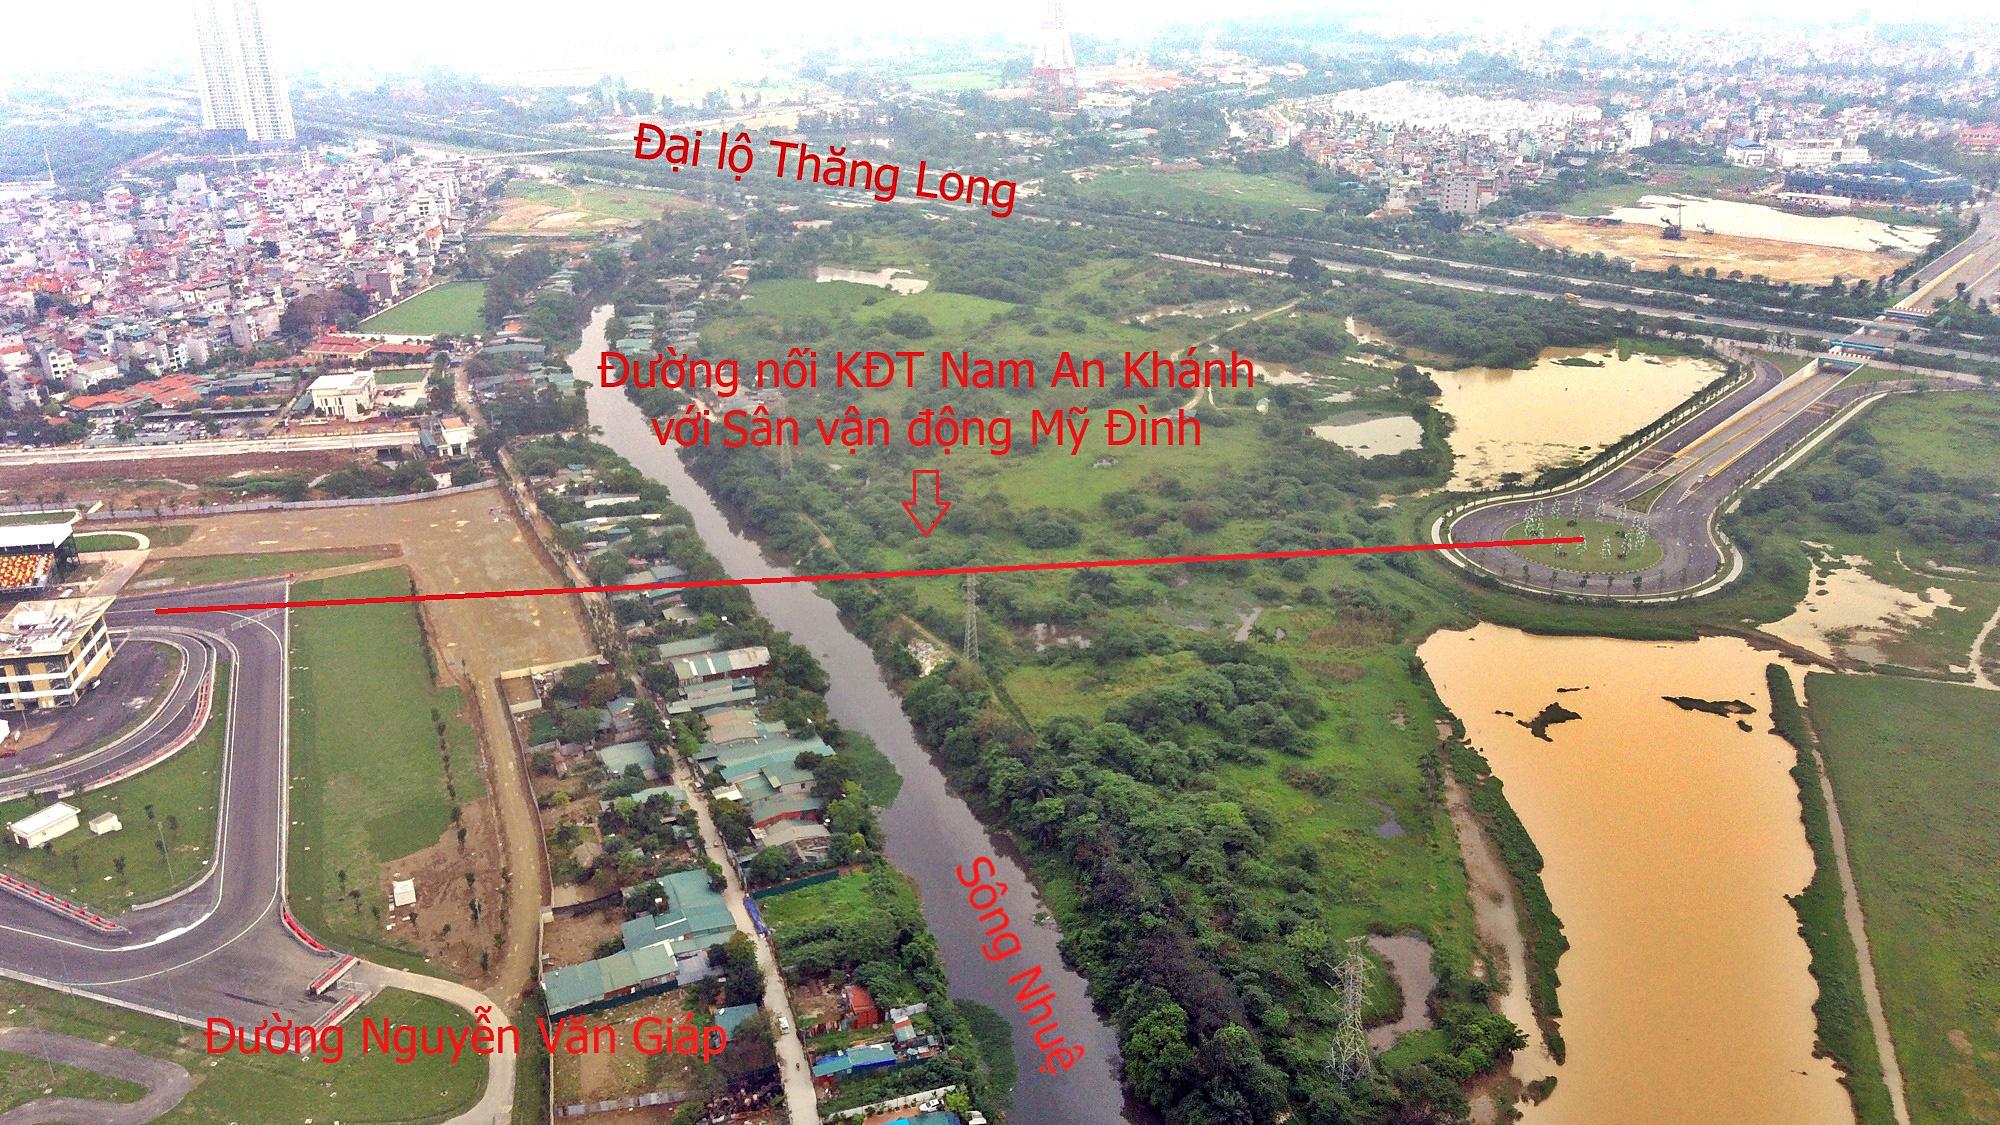 Đường sẽ mở theo qui hoạch ở Hà Nội: Toàn cảnh đường nối KĐT Nam An Khánh đến Sân vận động Mỹ Đình - Ảnh 5.